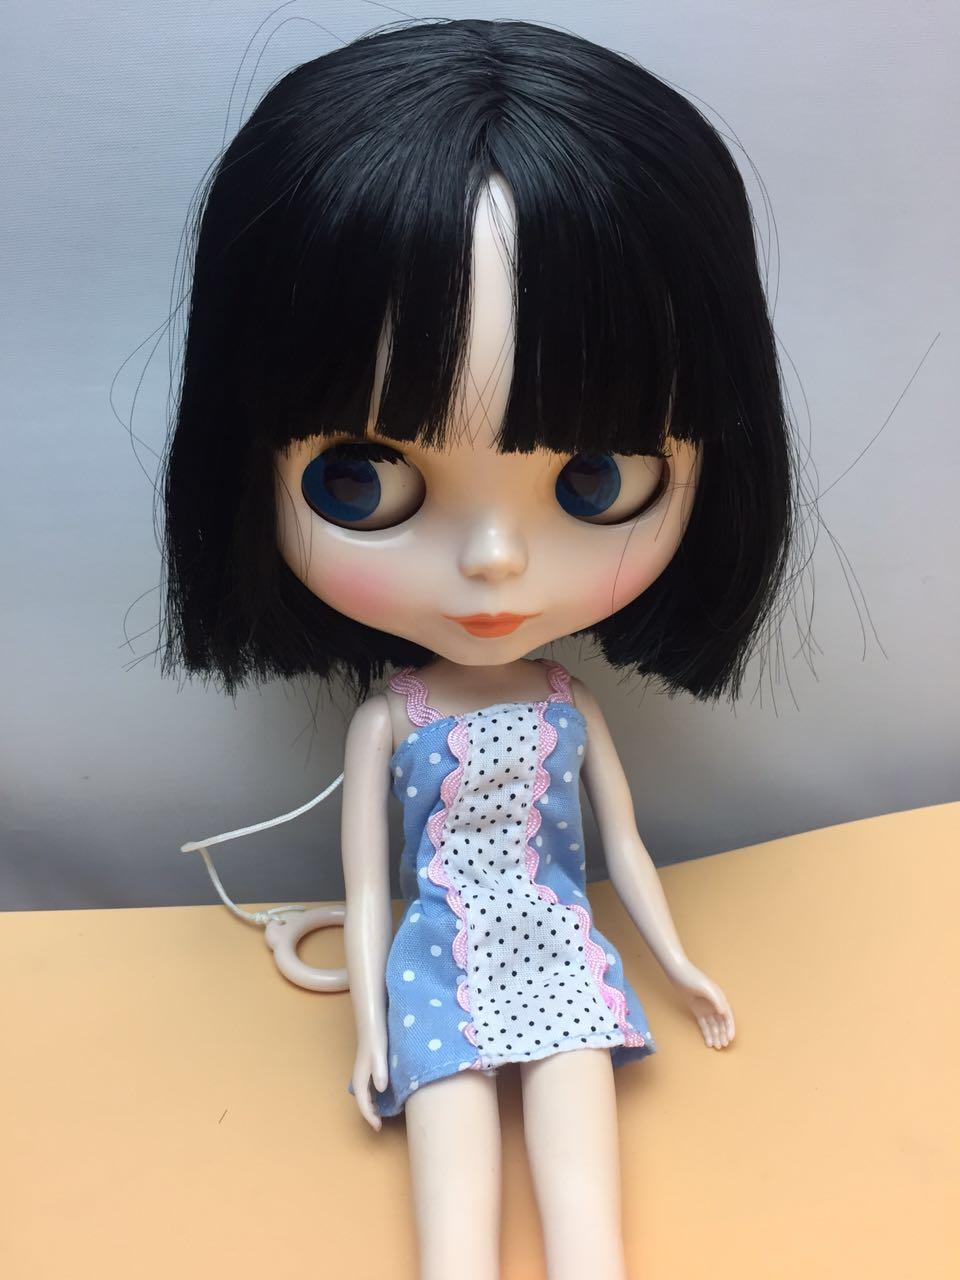 Erwachsene verkleiden sich Puppe